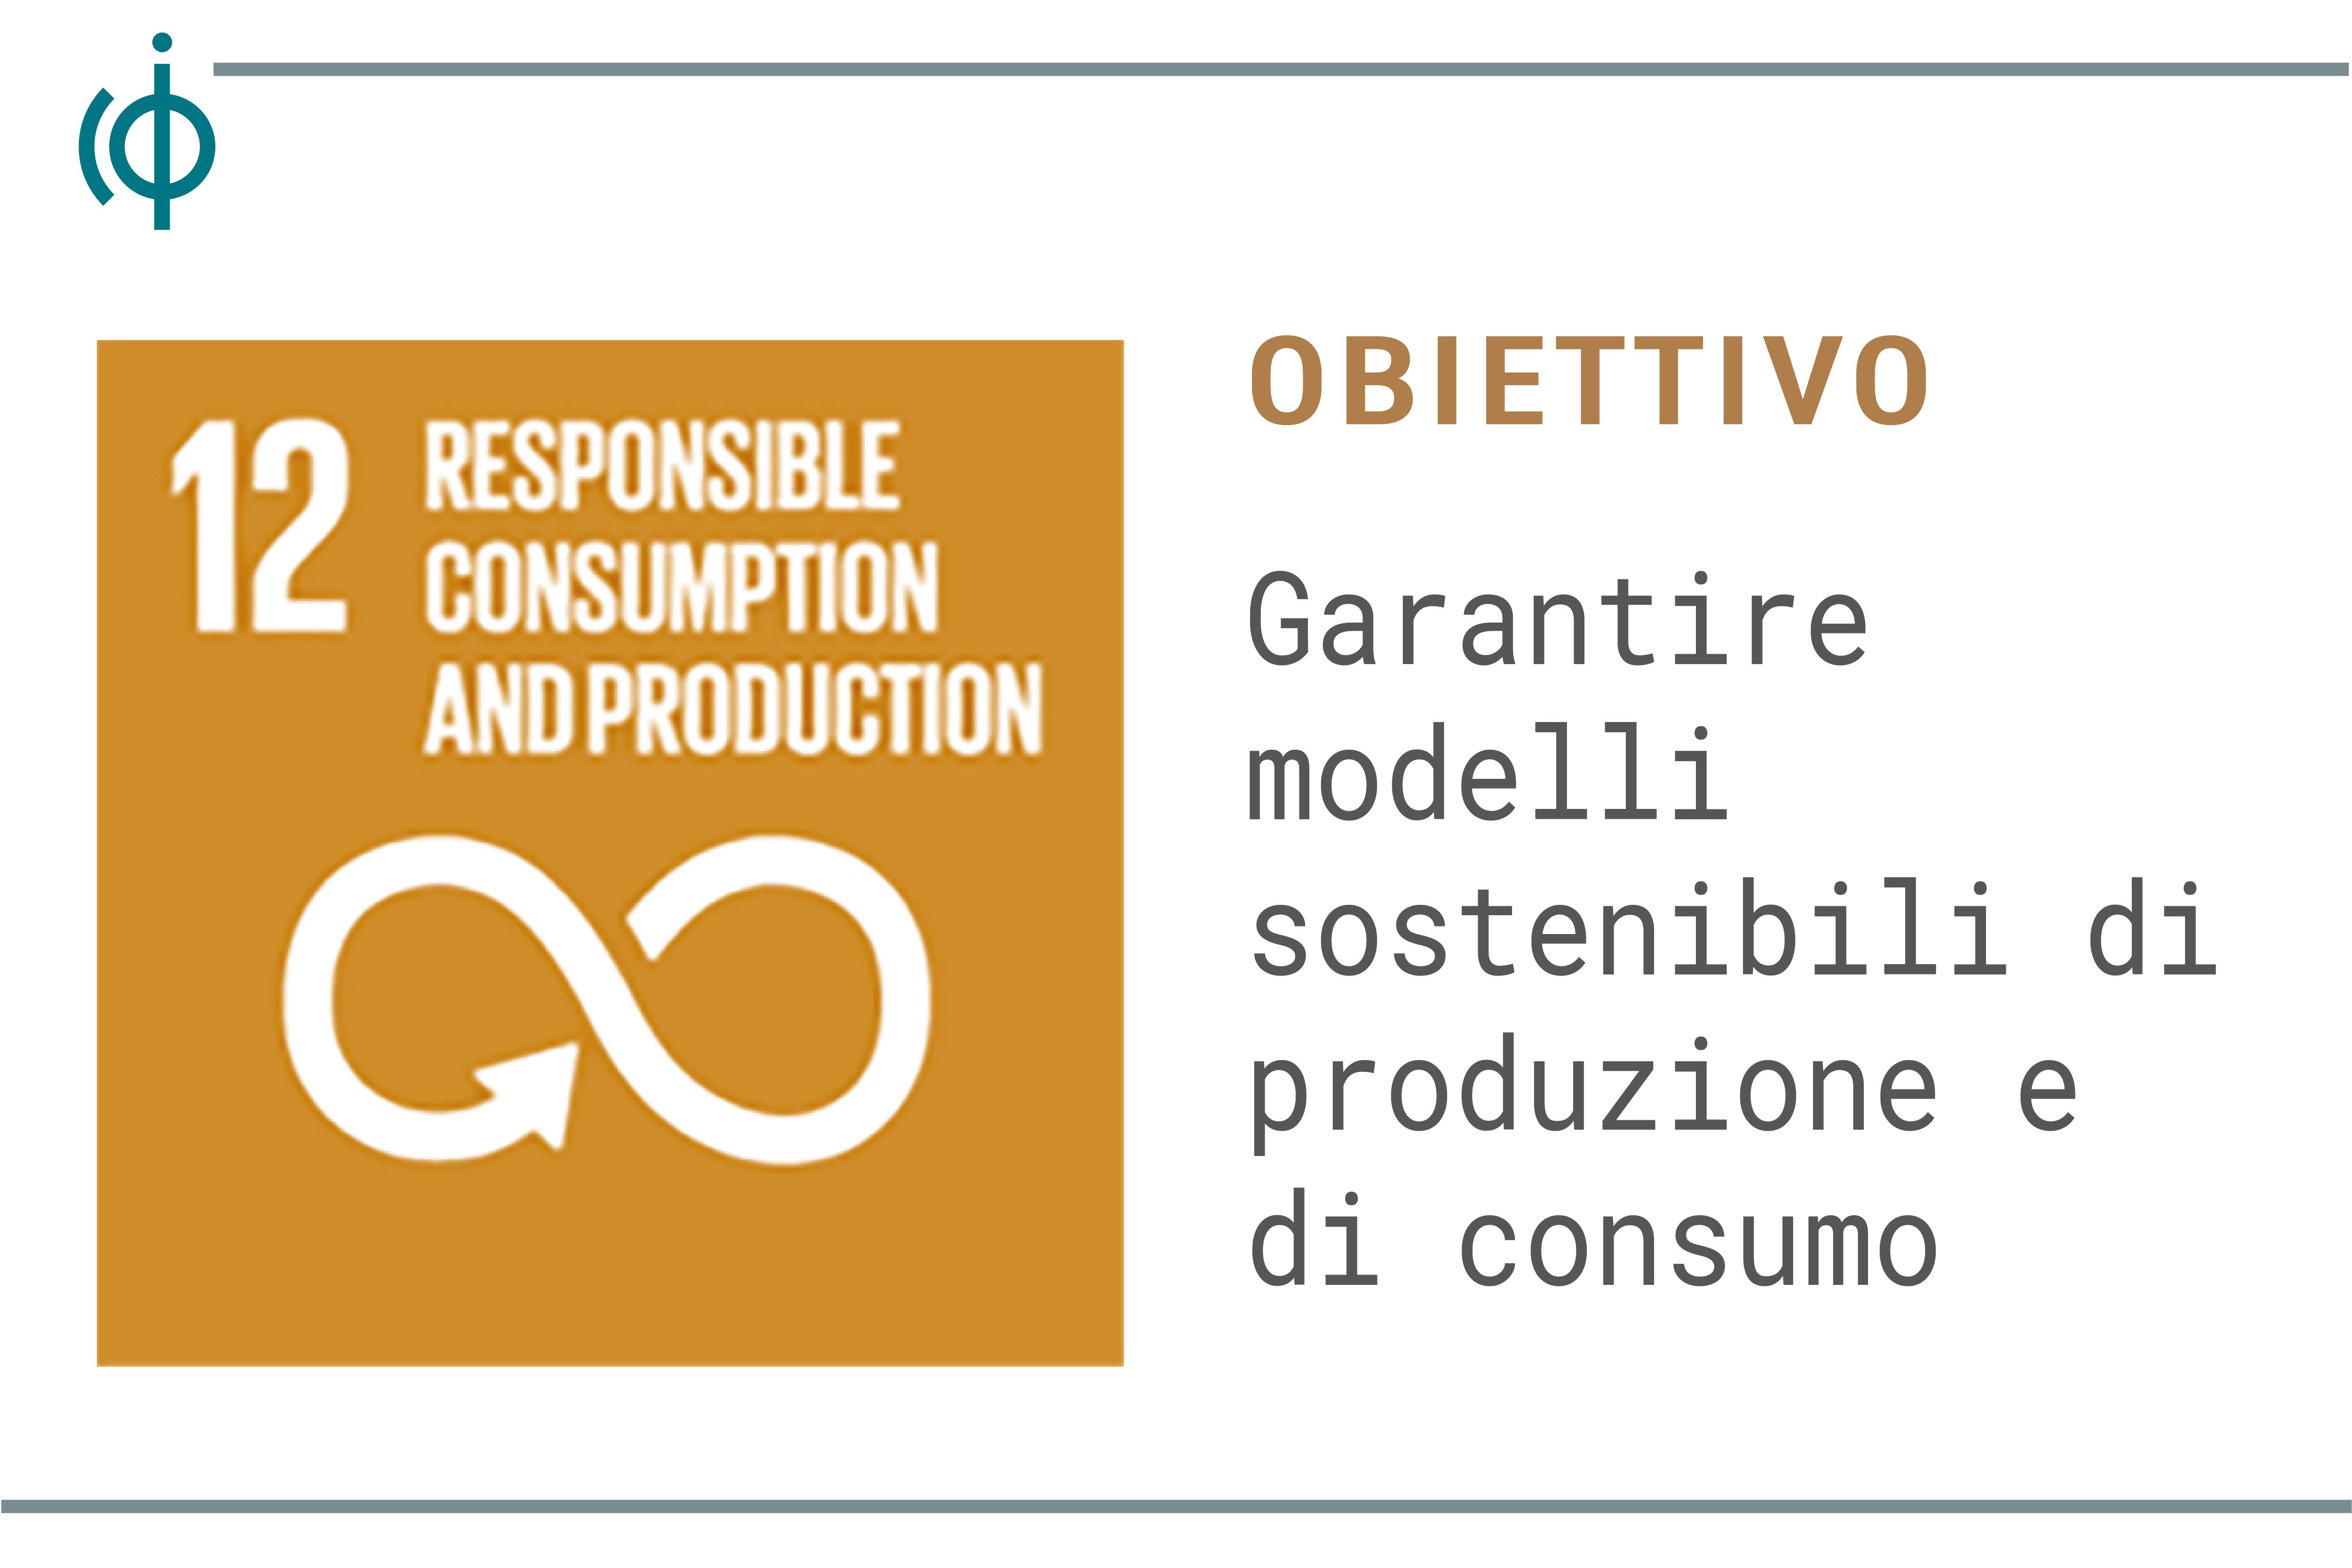 consumo e produzione responsabile